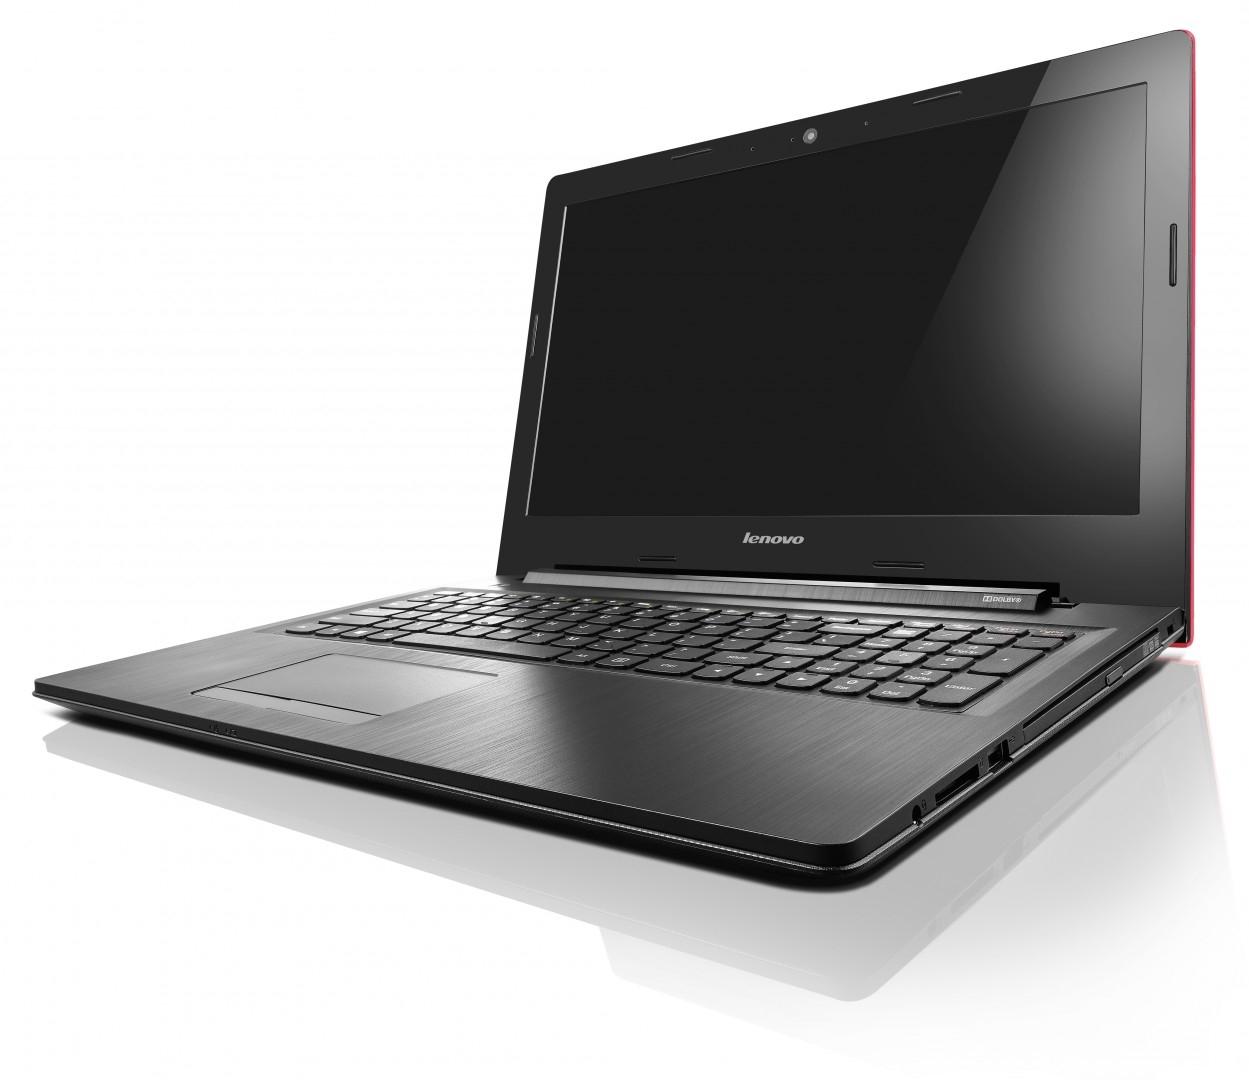 Lenovo G50-70